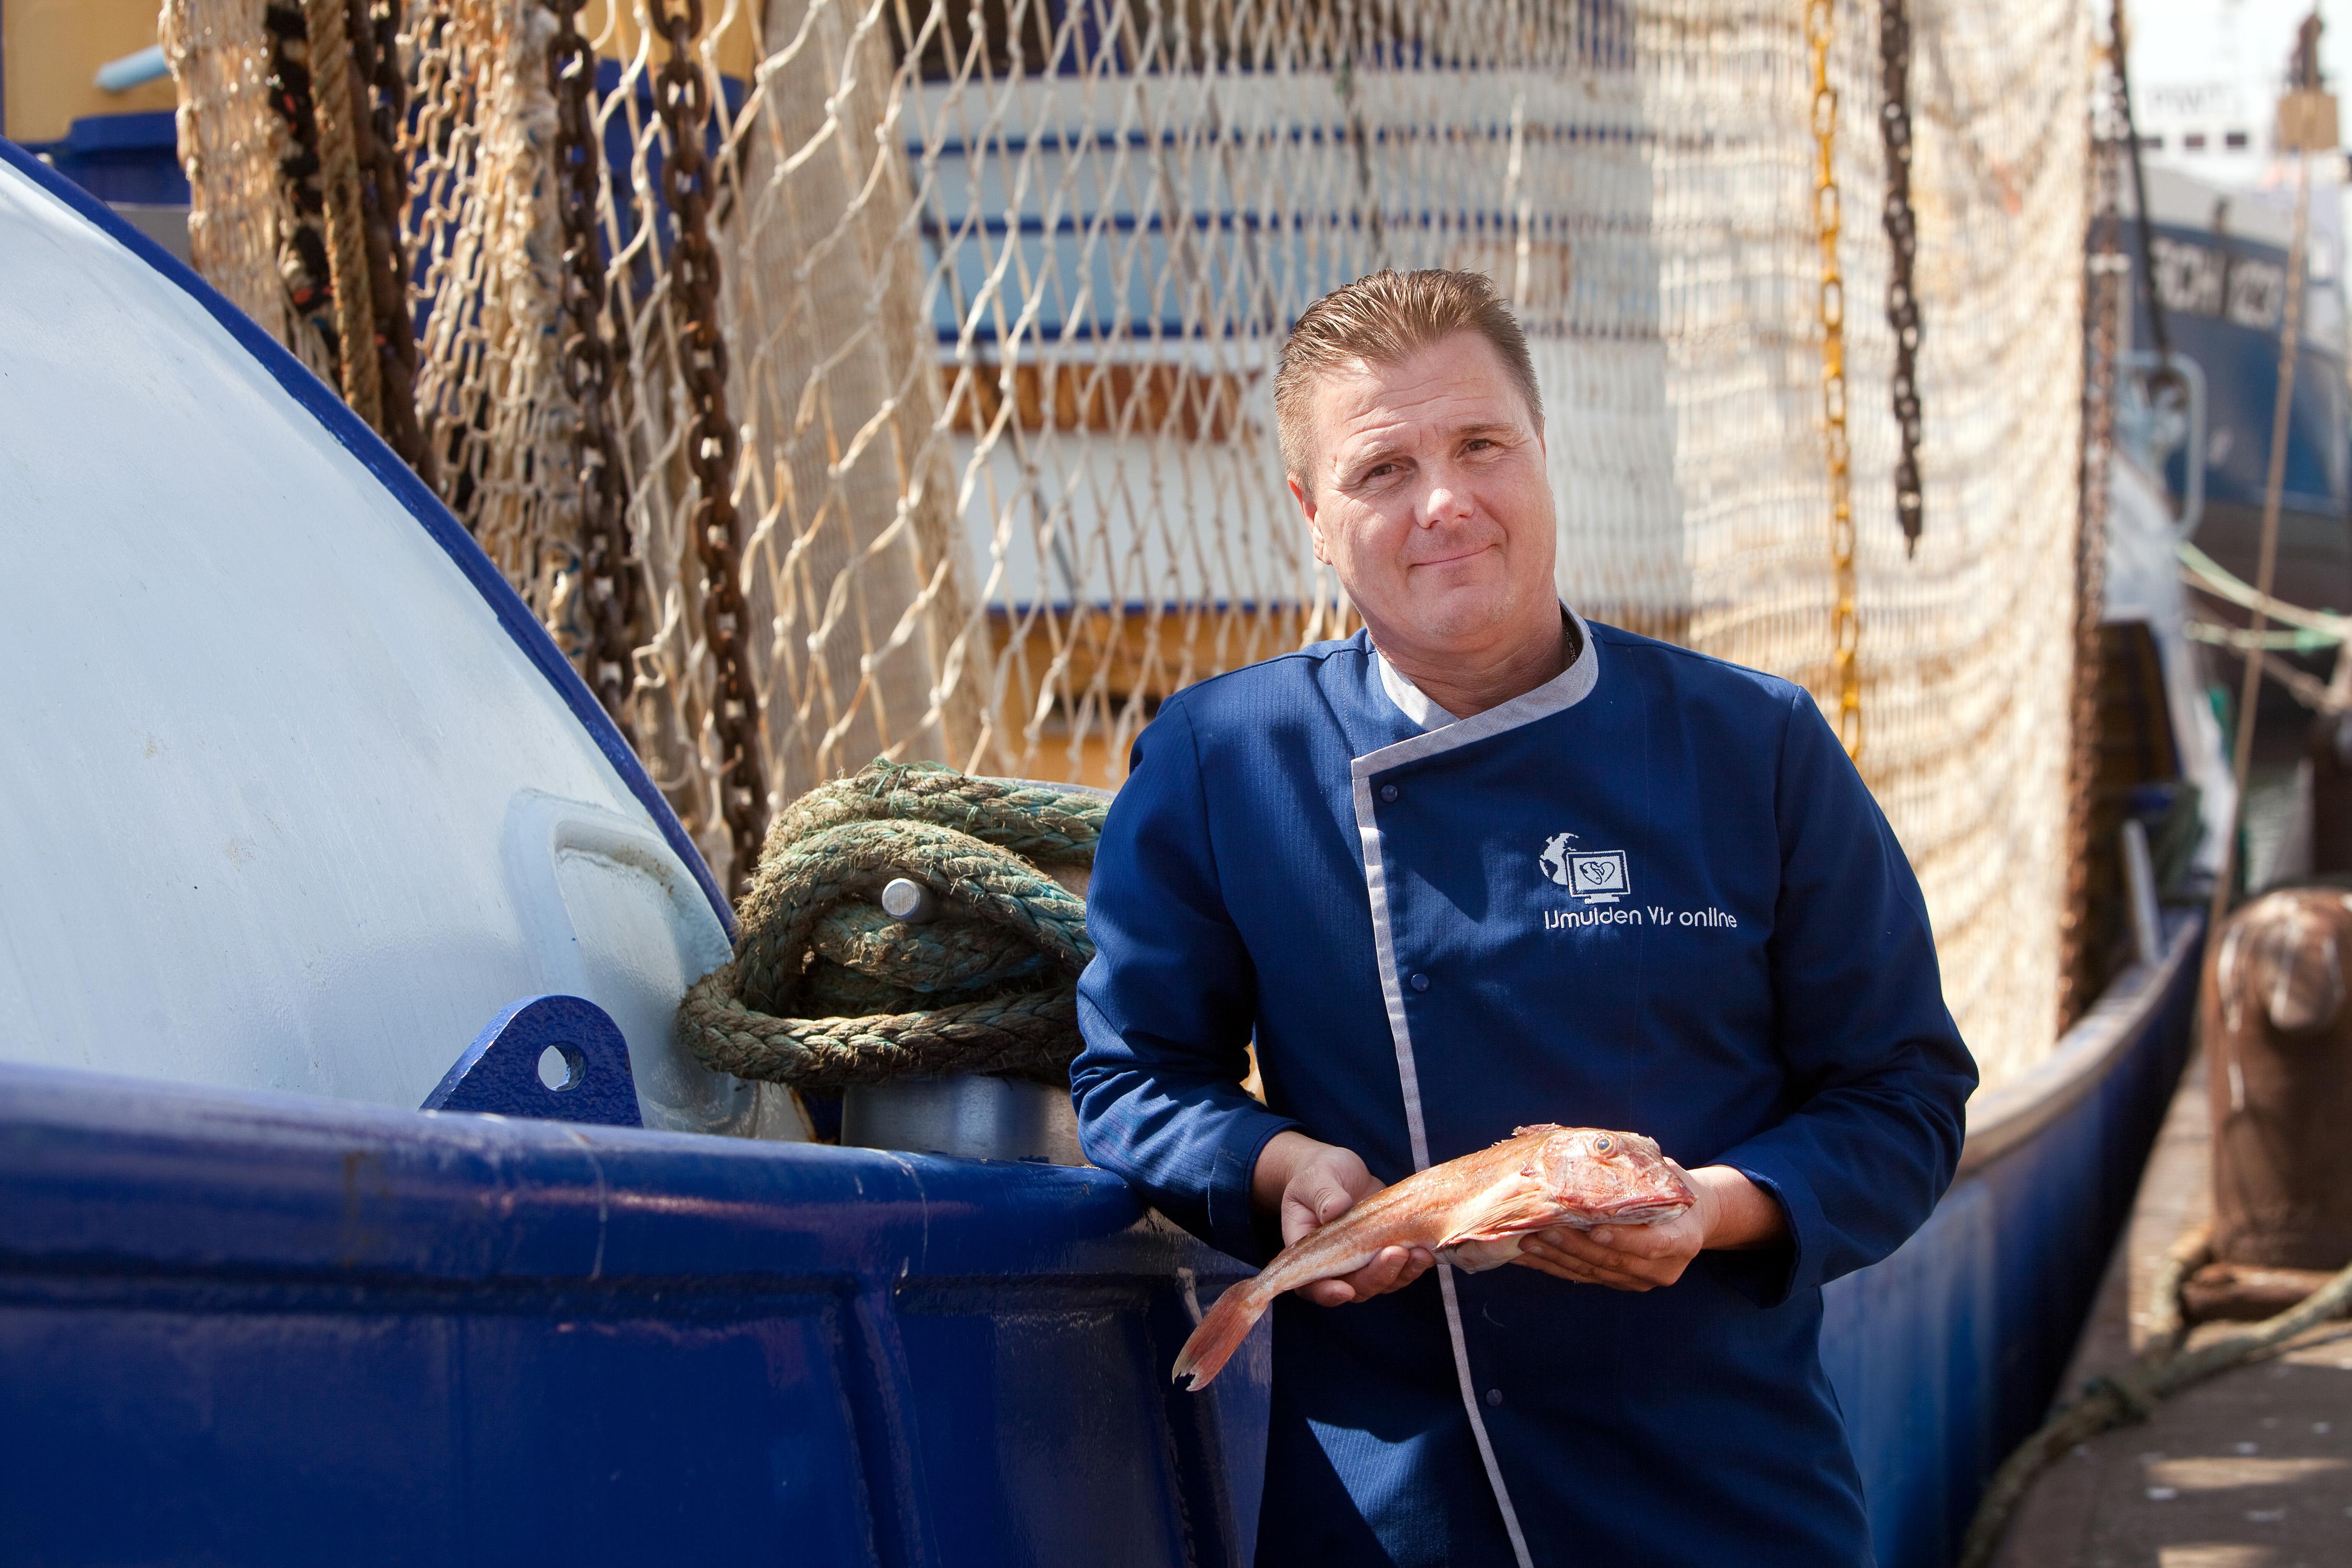 IJmuiden Vis Online-eigenaar Marlon (49) leerde vis verkopen op de Albert Cuyp. 'Om zeven uur 's ochtends kwamen de meisjes van lichte zeden, in hun negligés, een visje halen voor ze naar huis gingen'